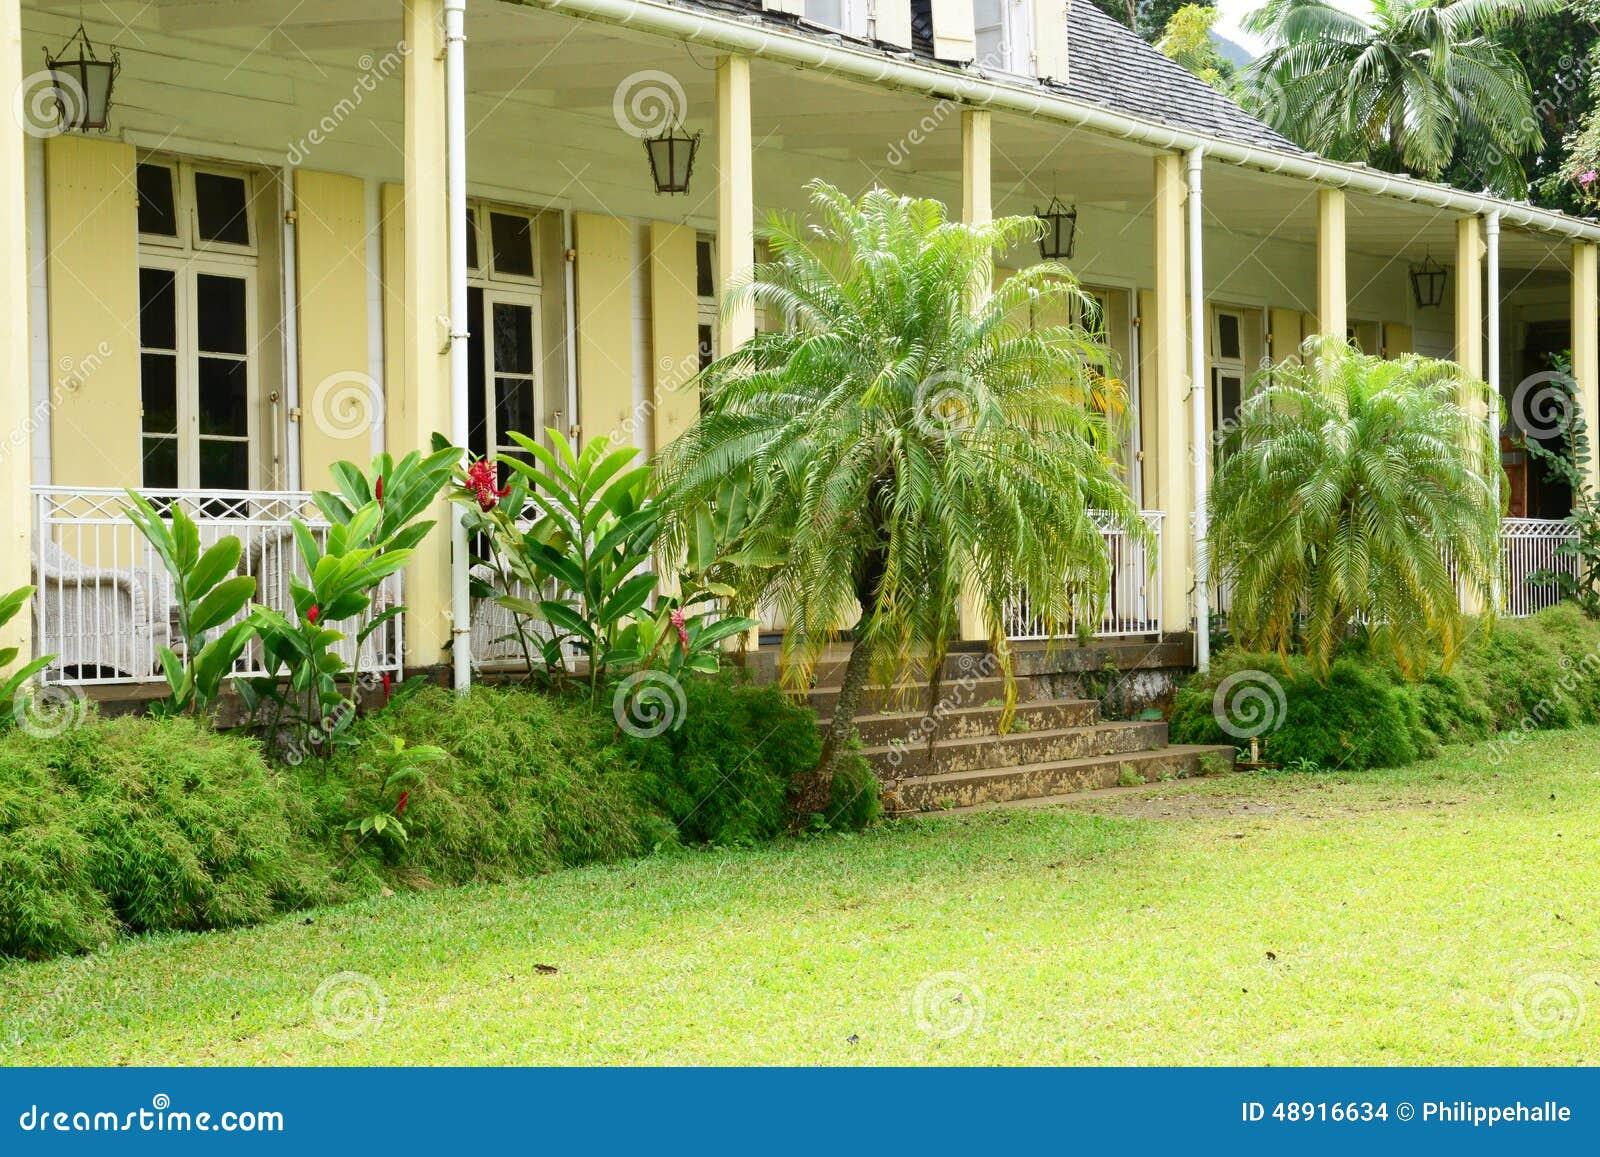 Maison coloniale de l 39 afrique eur ka dans le moka image for Angelina maison de l afrique